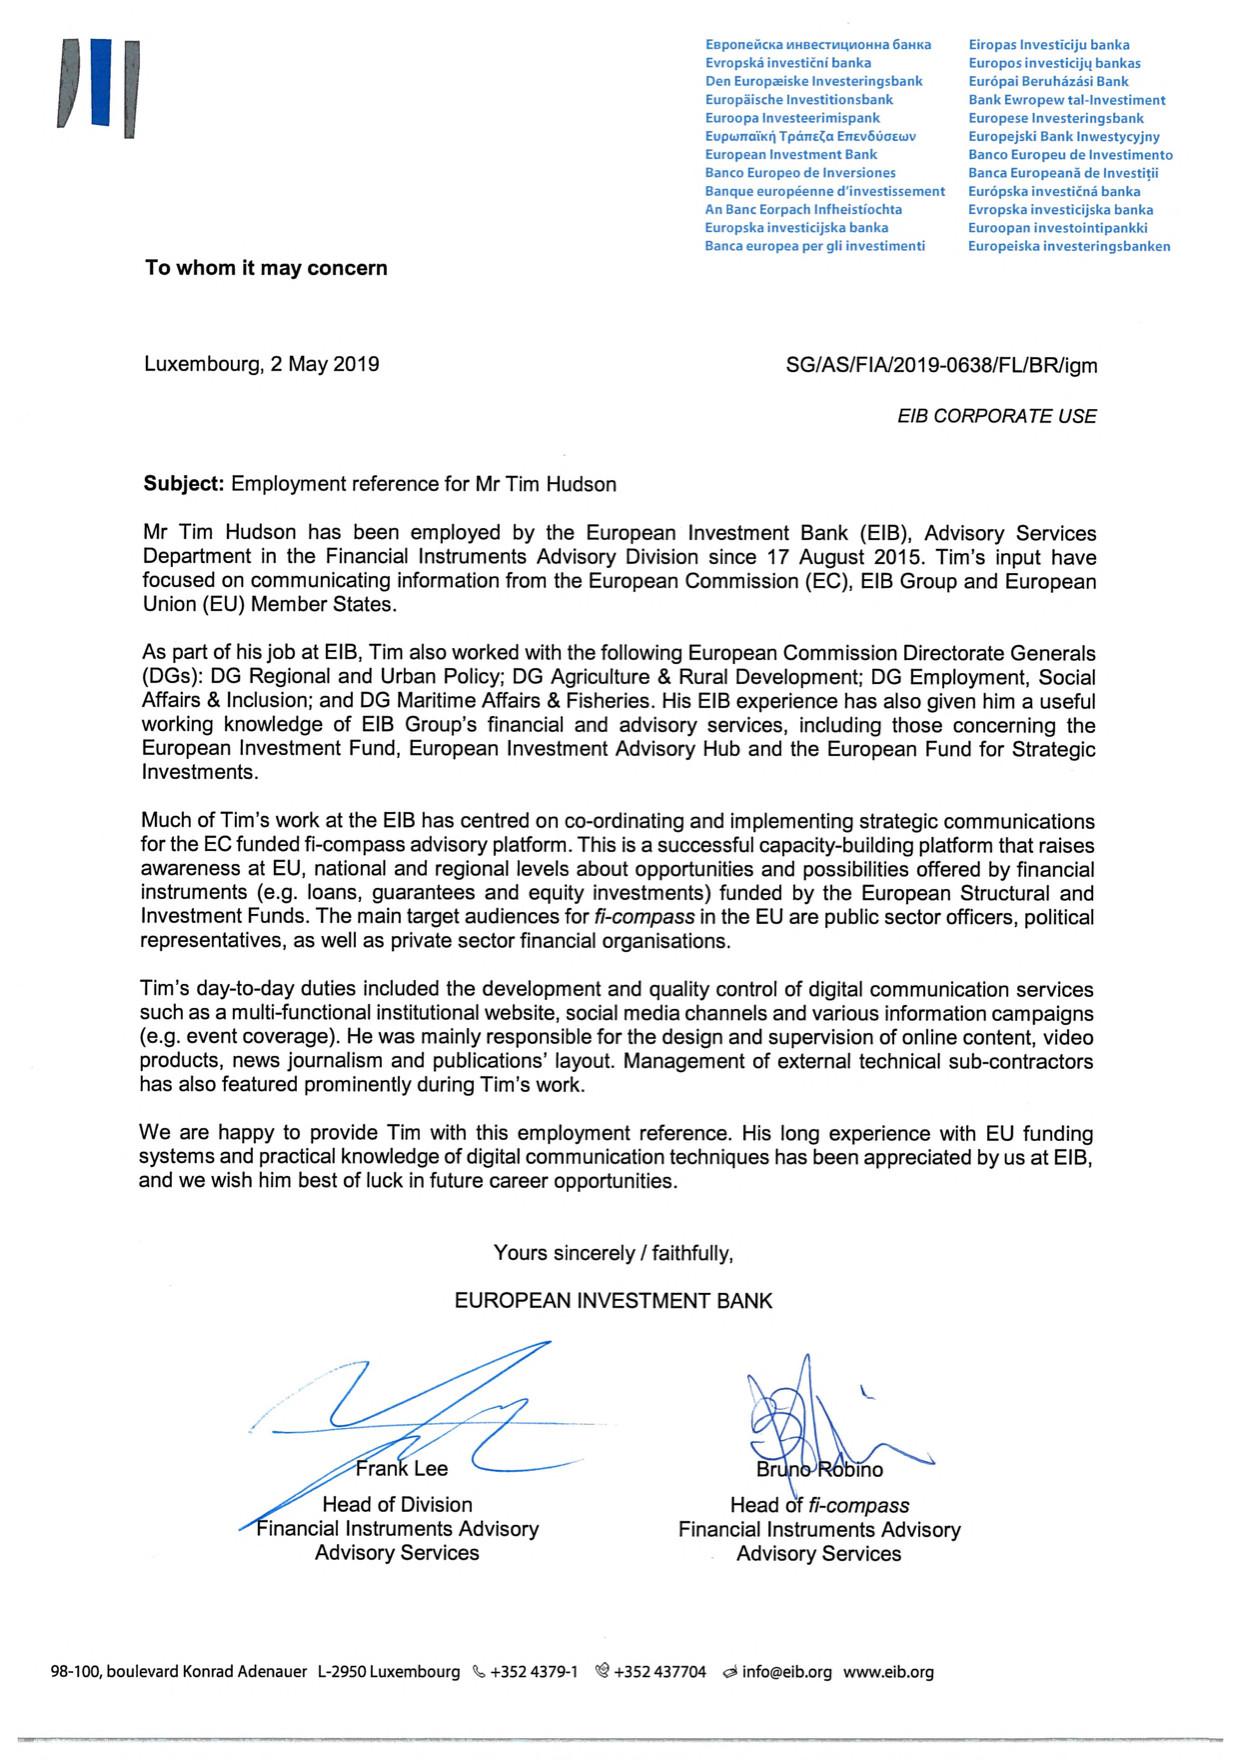 2019-05-02 THudson reference letter.jpg